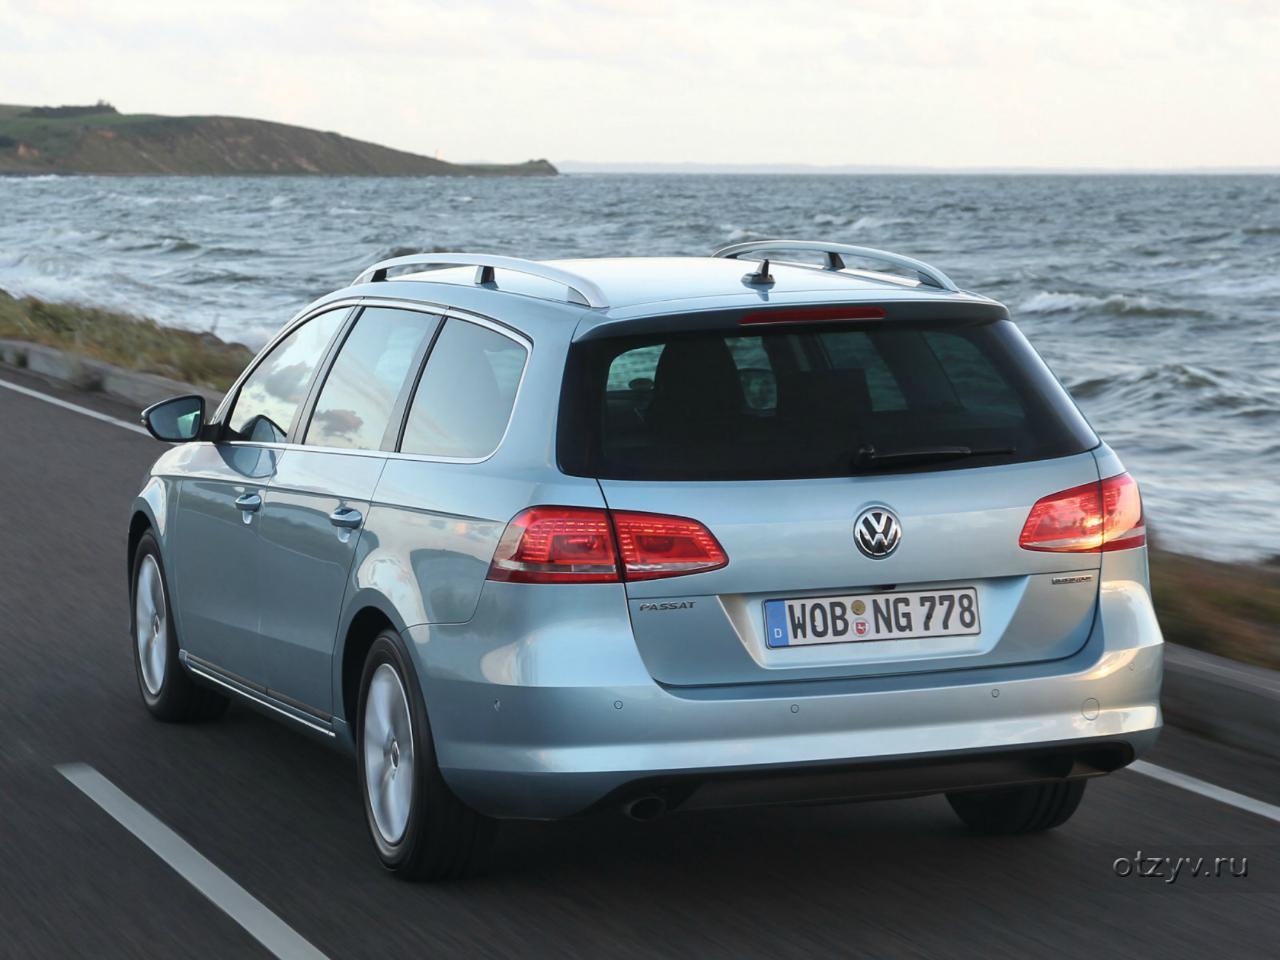 d5ffd71d40e9d Отзывы владельцев Volkswagen Passat (Фольксваген Пассат)